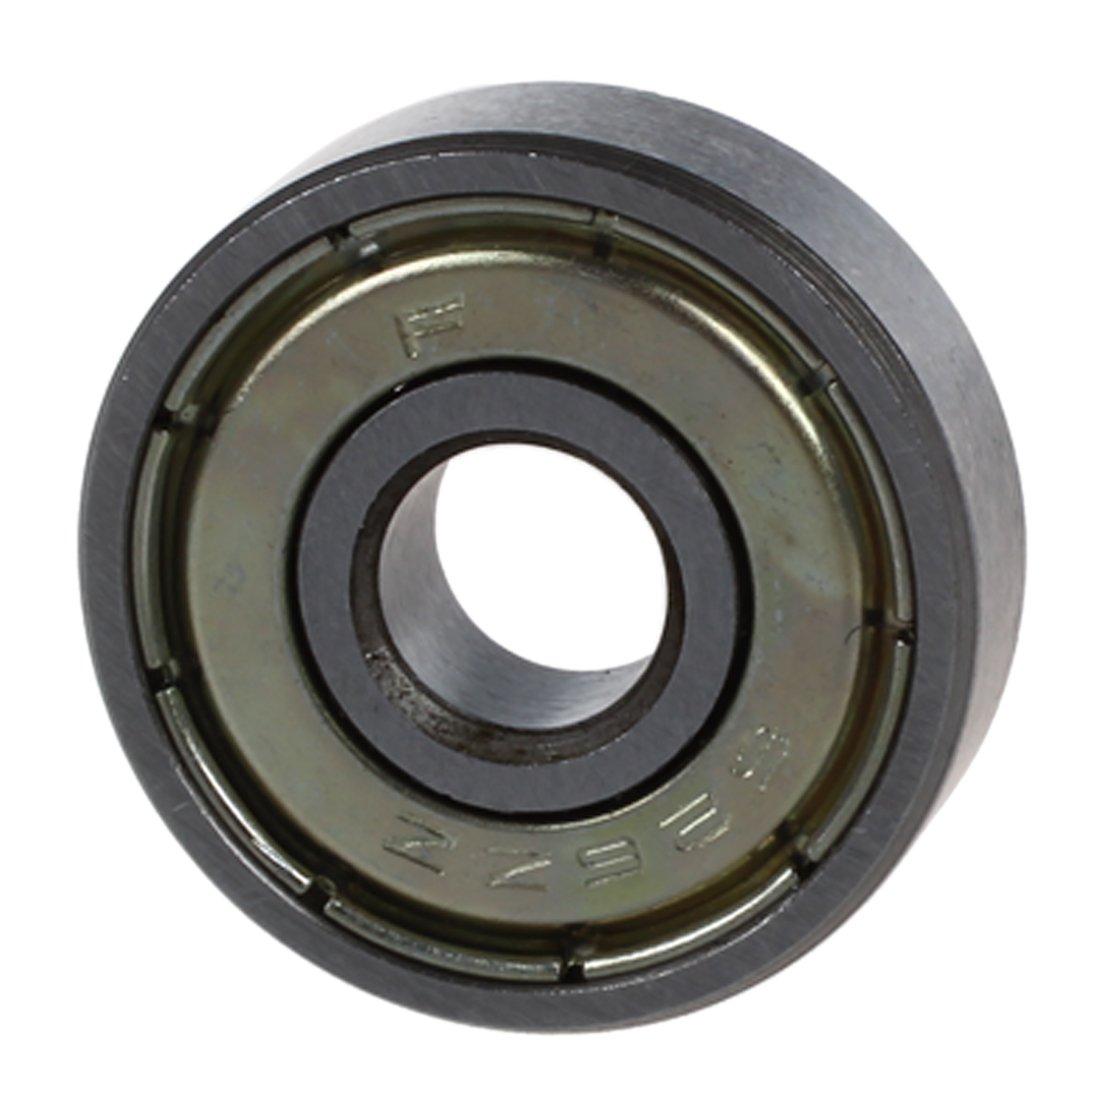 REFURBISHHOUSE 5 pz 626Z 6mm x 19mm x 6mm schermati gola profonda cuscinetto radiale a sfere Riga singola